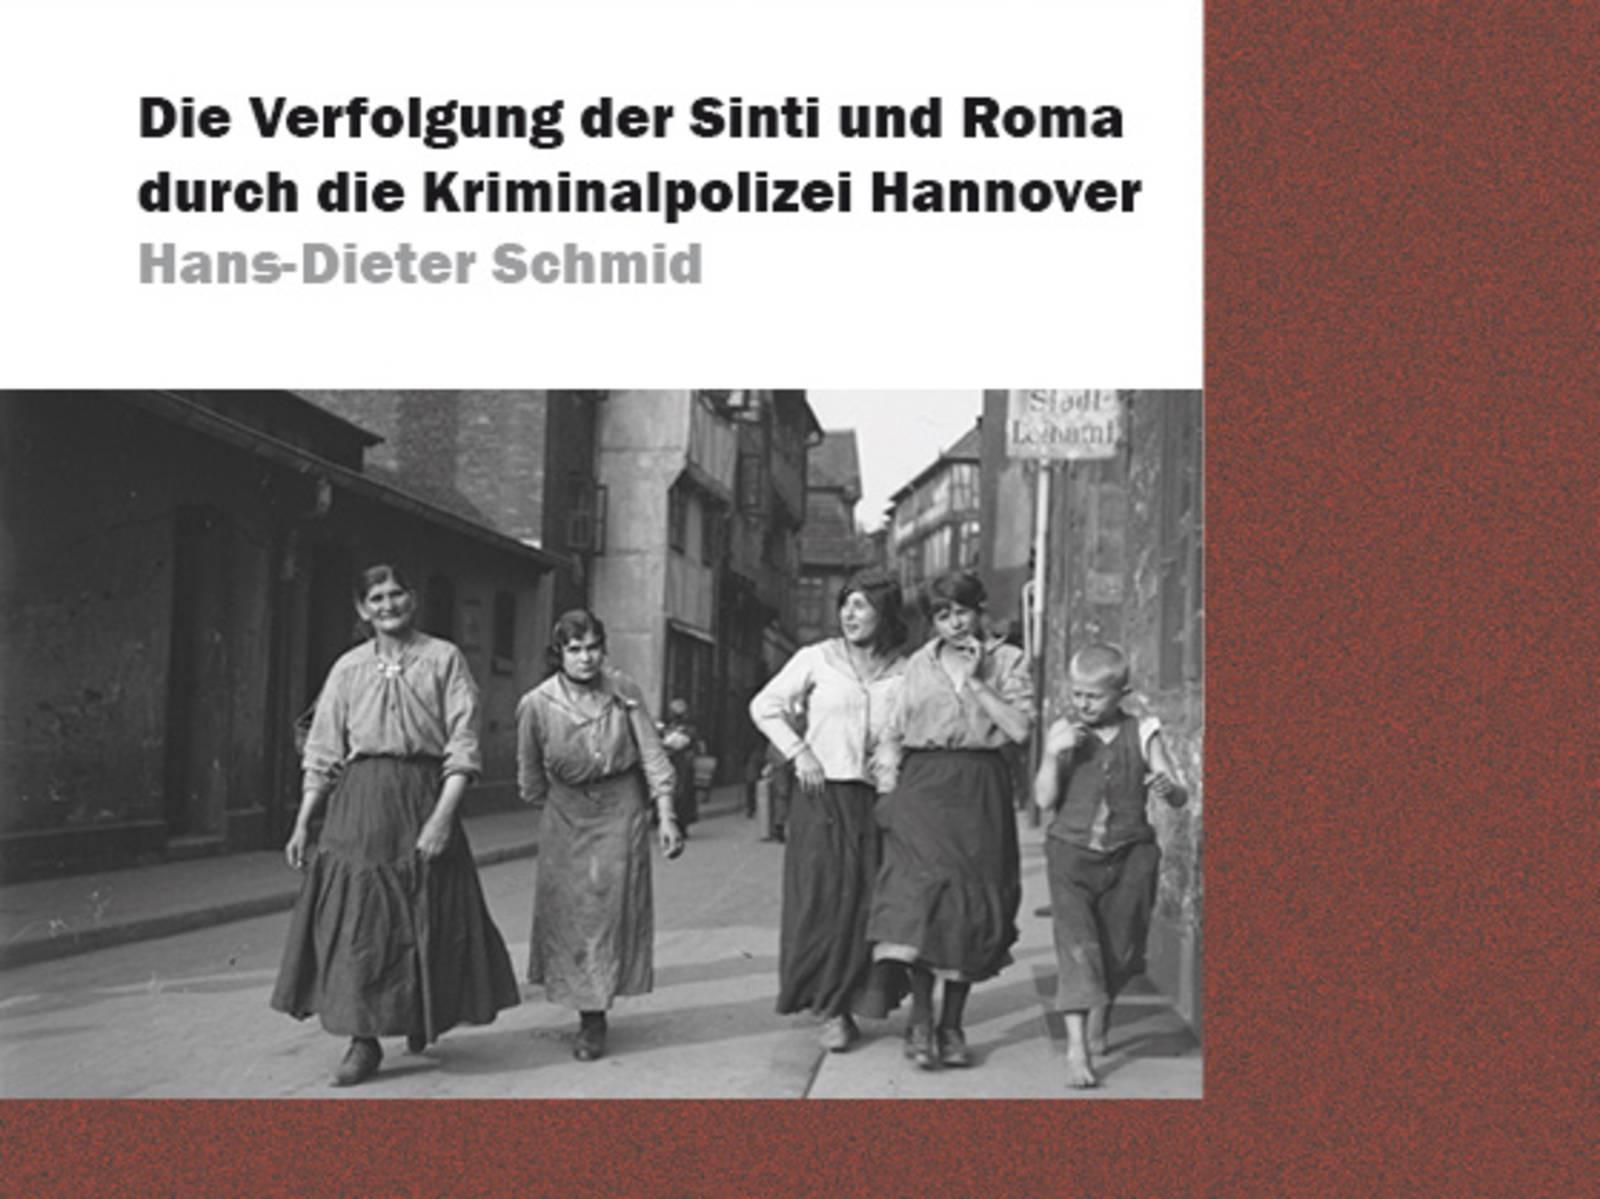 Cover: Hans-Dieter Schmid: Die Verfolgung der Sinti und Roma durch die Kriminapolizei Hannover, Hannover 2016.